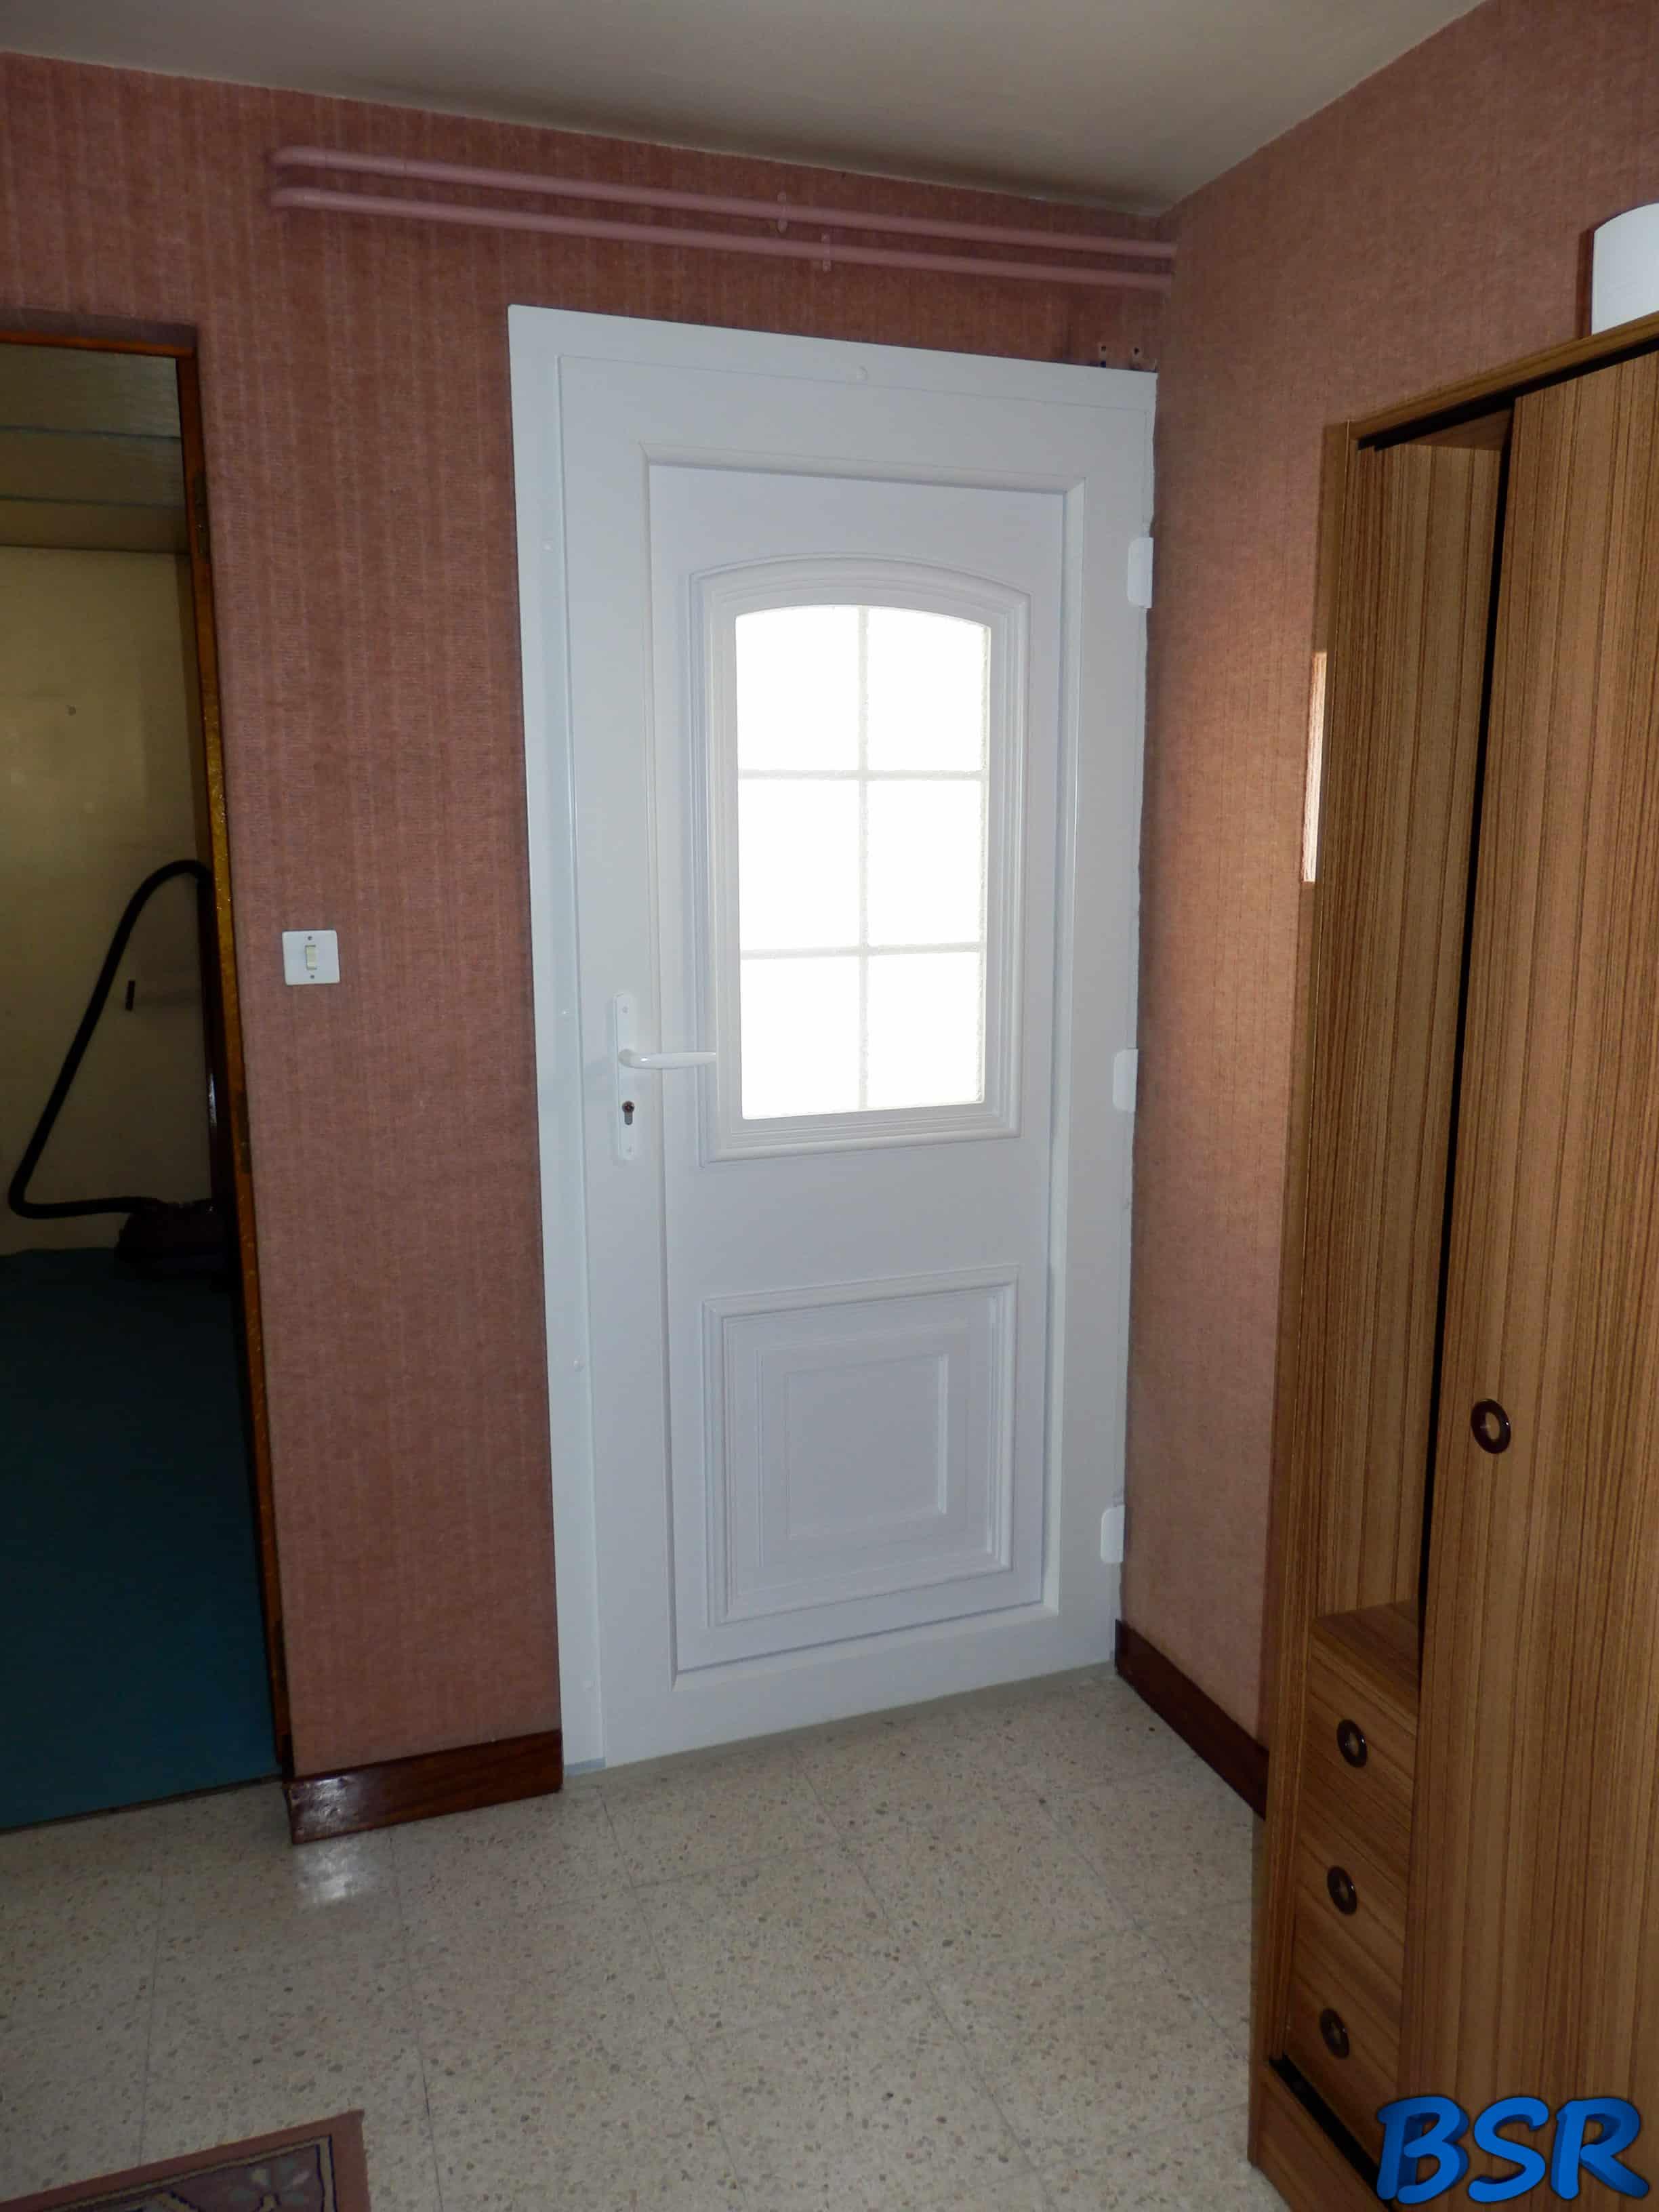 Porte et fenêtre PVC BSR 003